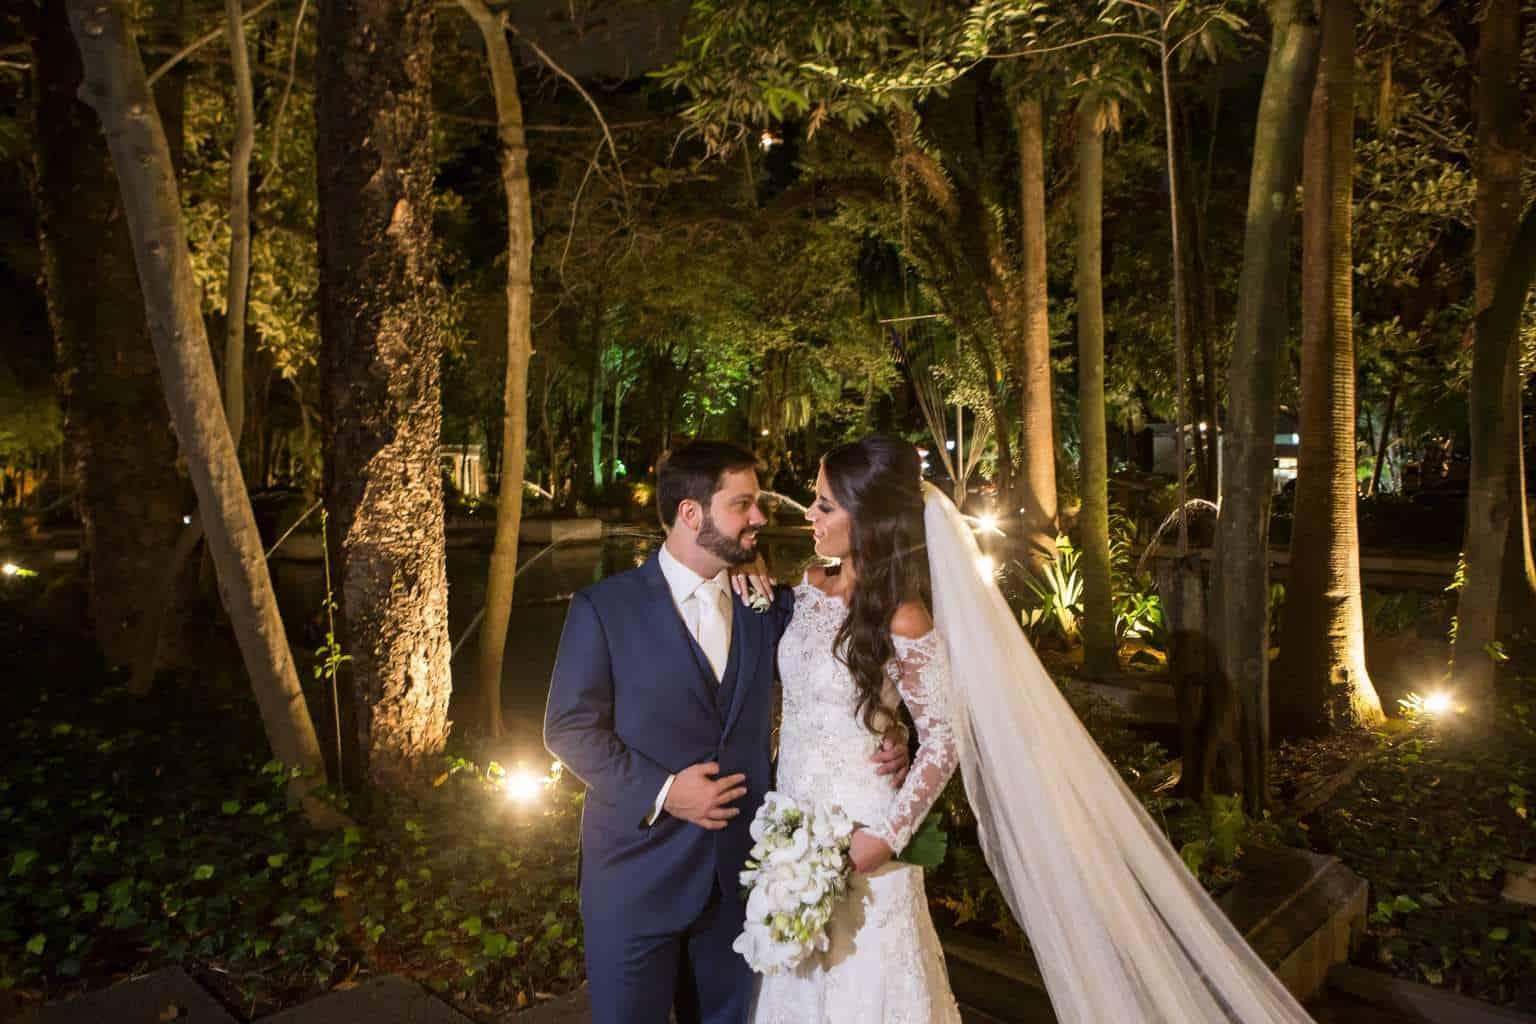 casamento-fernanda-e-leandro-casamento-sp-Fotografia-Produtora-7-casamento-clássico-casamento-tradicional-wedding-25